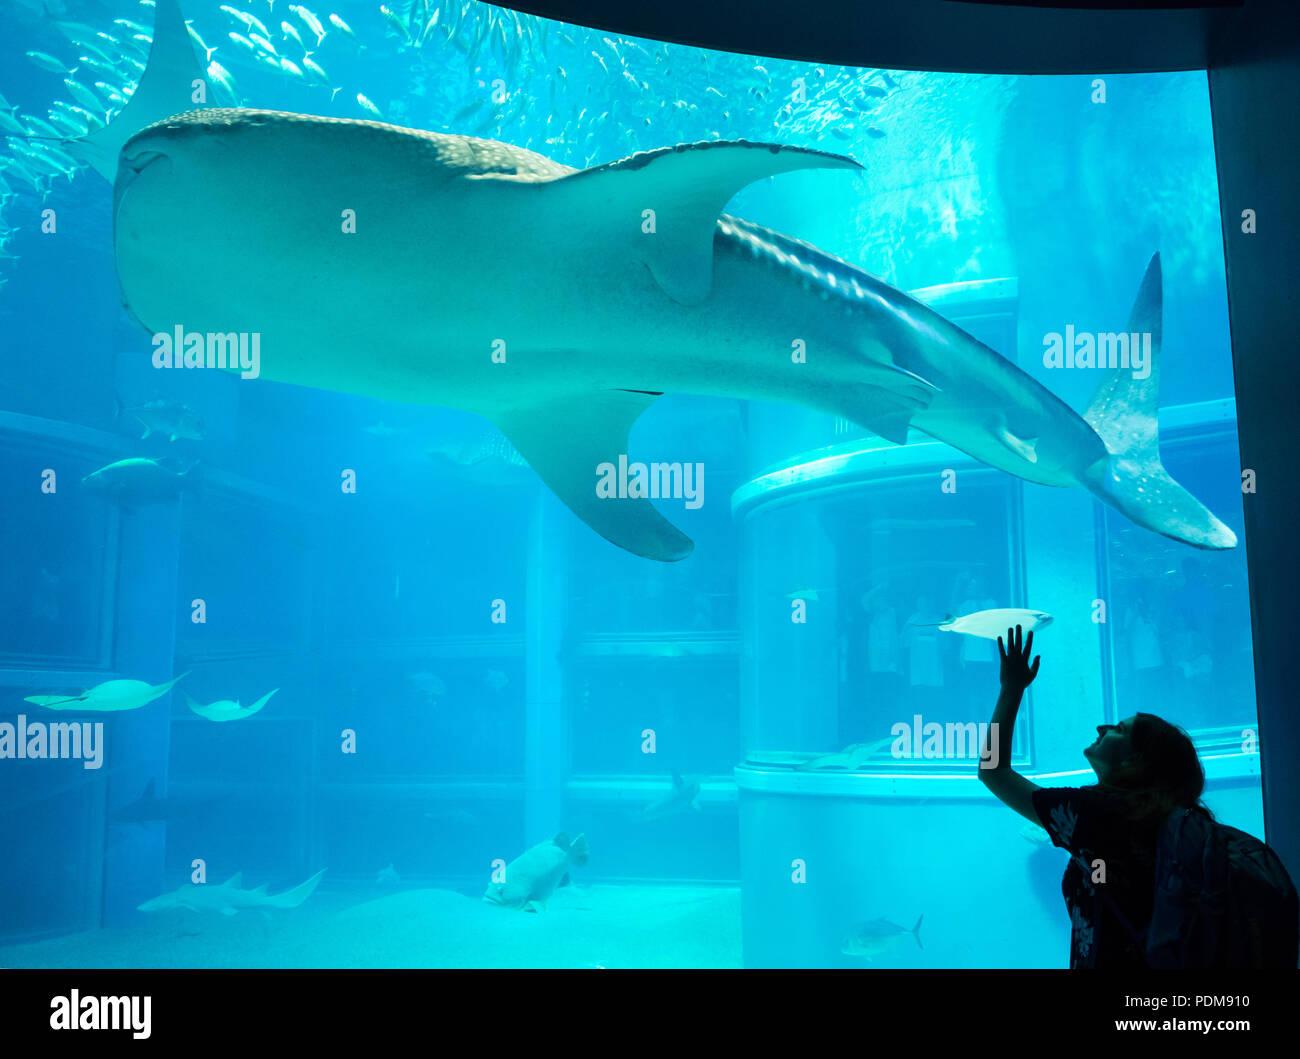 Una donna le onde a un squalo balena (Rhincodon typus) all'Oceano Pacifico presentano a Osaka Acquario Kaiyukan di Osaka in Giappone. Immagini Stock